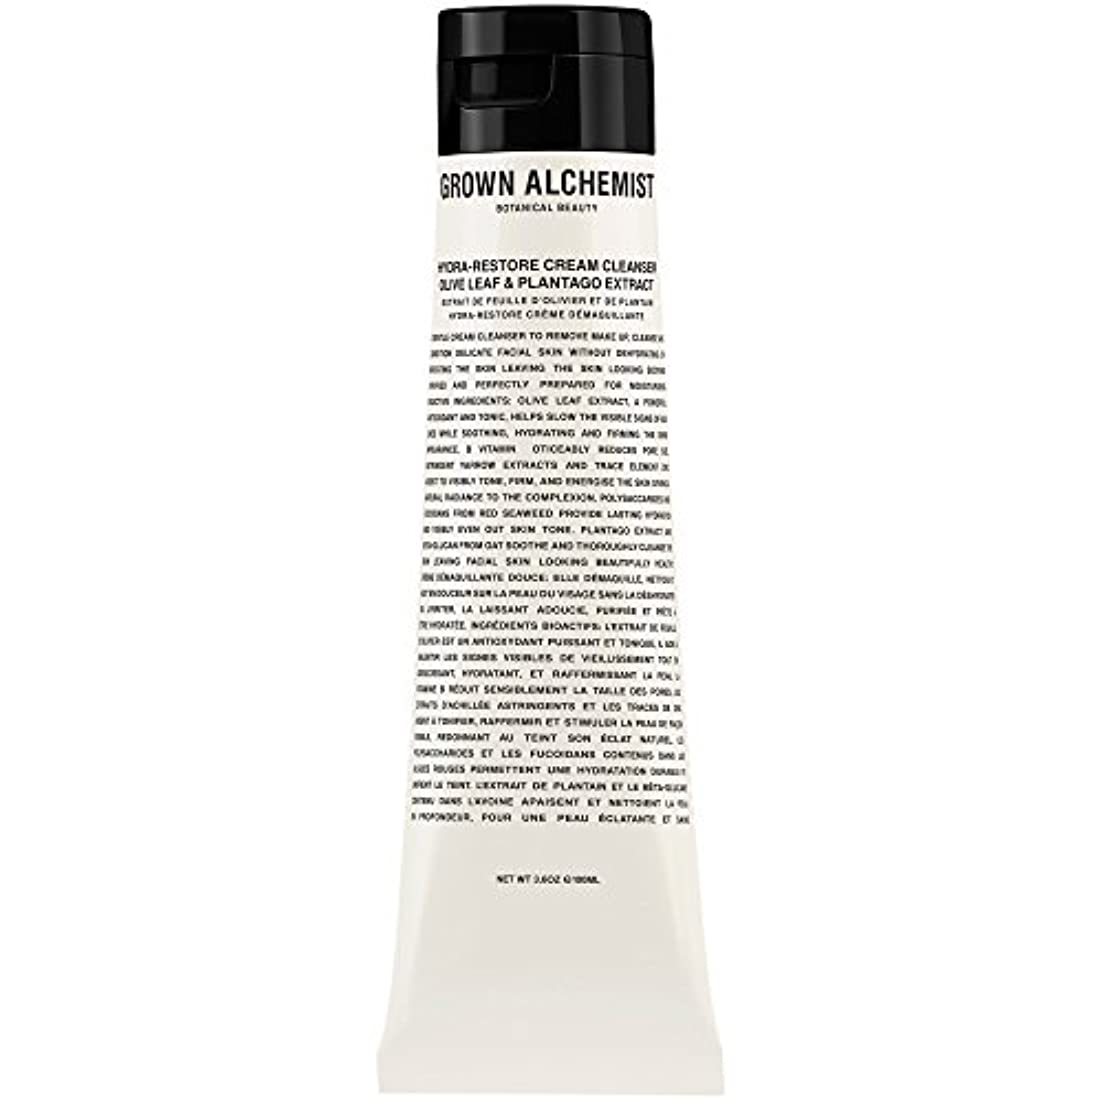 罰受け入れた可塑性オリーブの葉&Plantogoエキス、100ミリリットル:成長した錬金術師クリームクレンザーをヒドラ復元 (Grown Alchemist) (x2) - Grown Alchemist Hydra-Restore Cream...